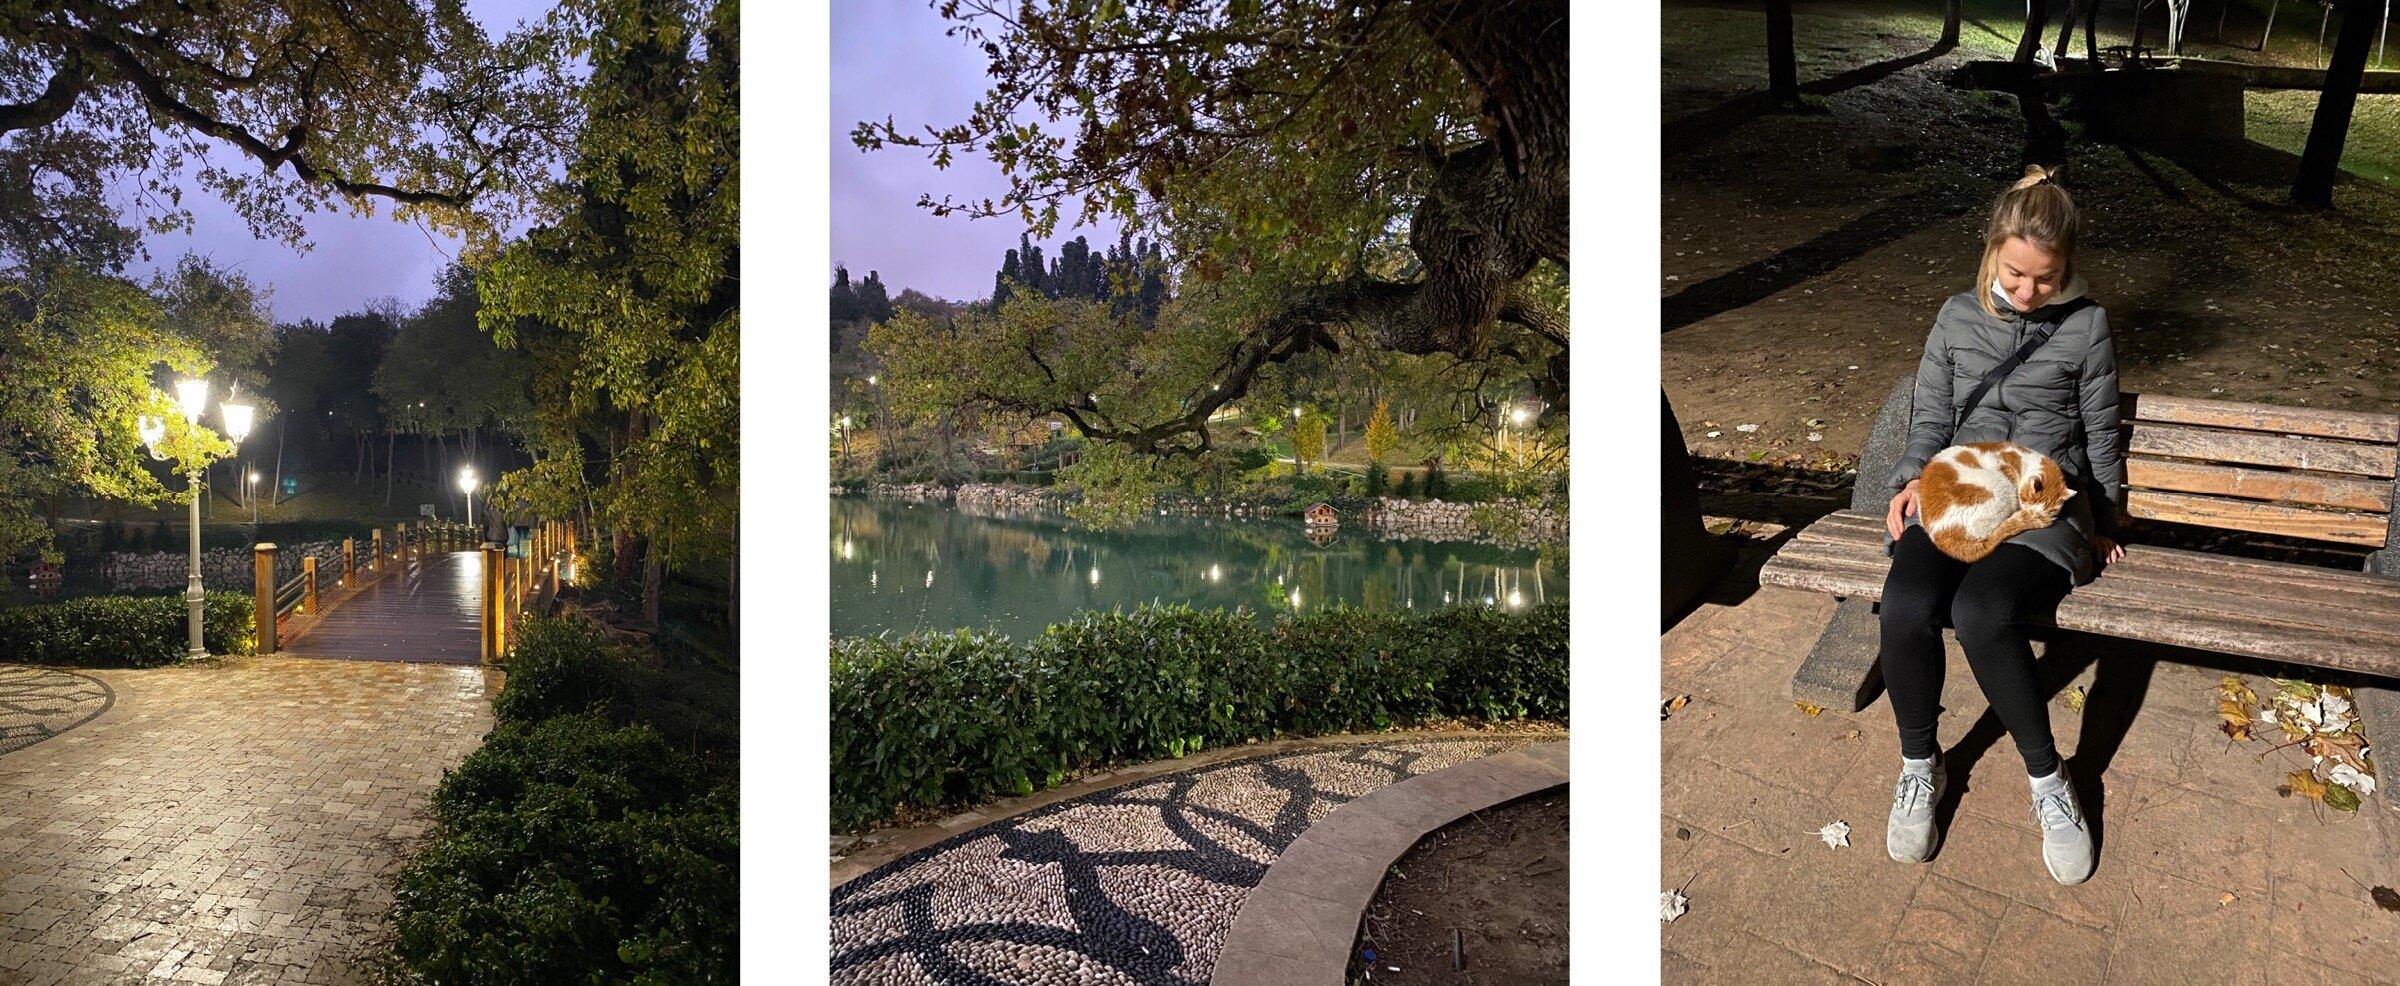 В Yıldız Park есть пруд и красивый 300-летний дуб, а в Maçka мы были так часто, что местный кот стал нас узнавать и приходить спать на коленках